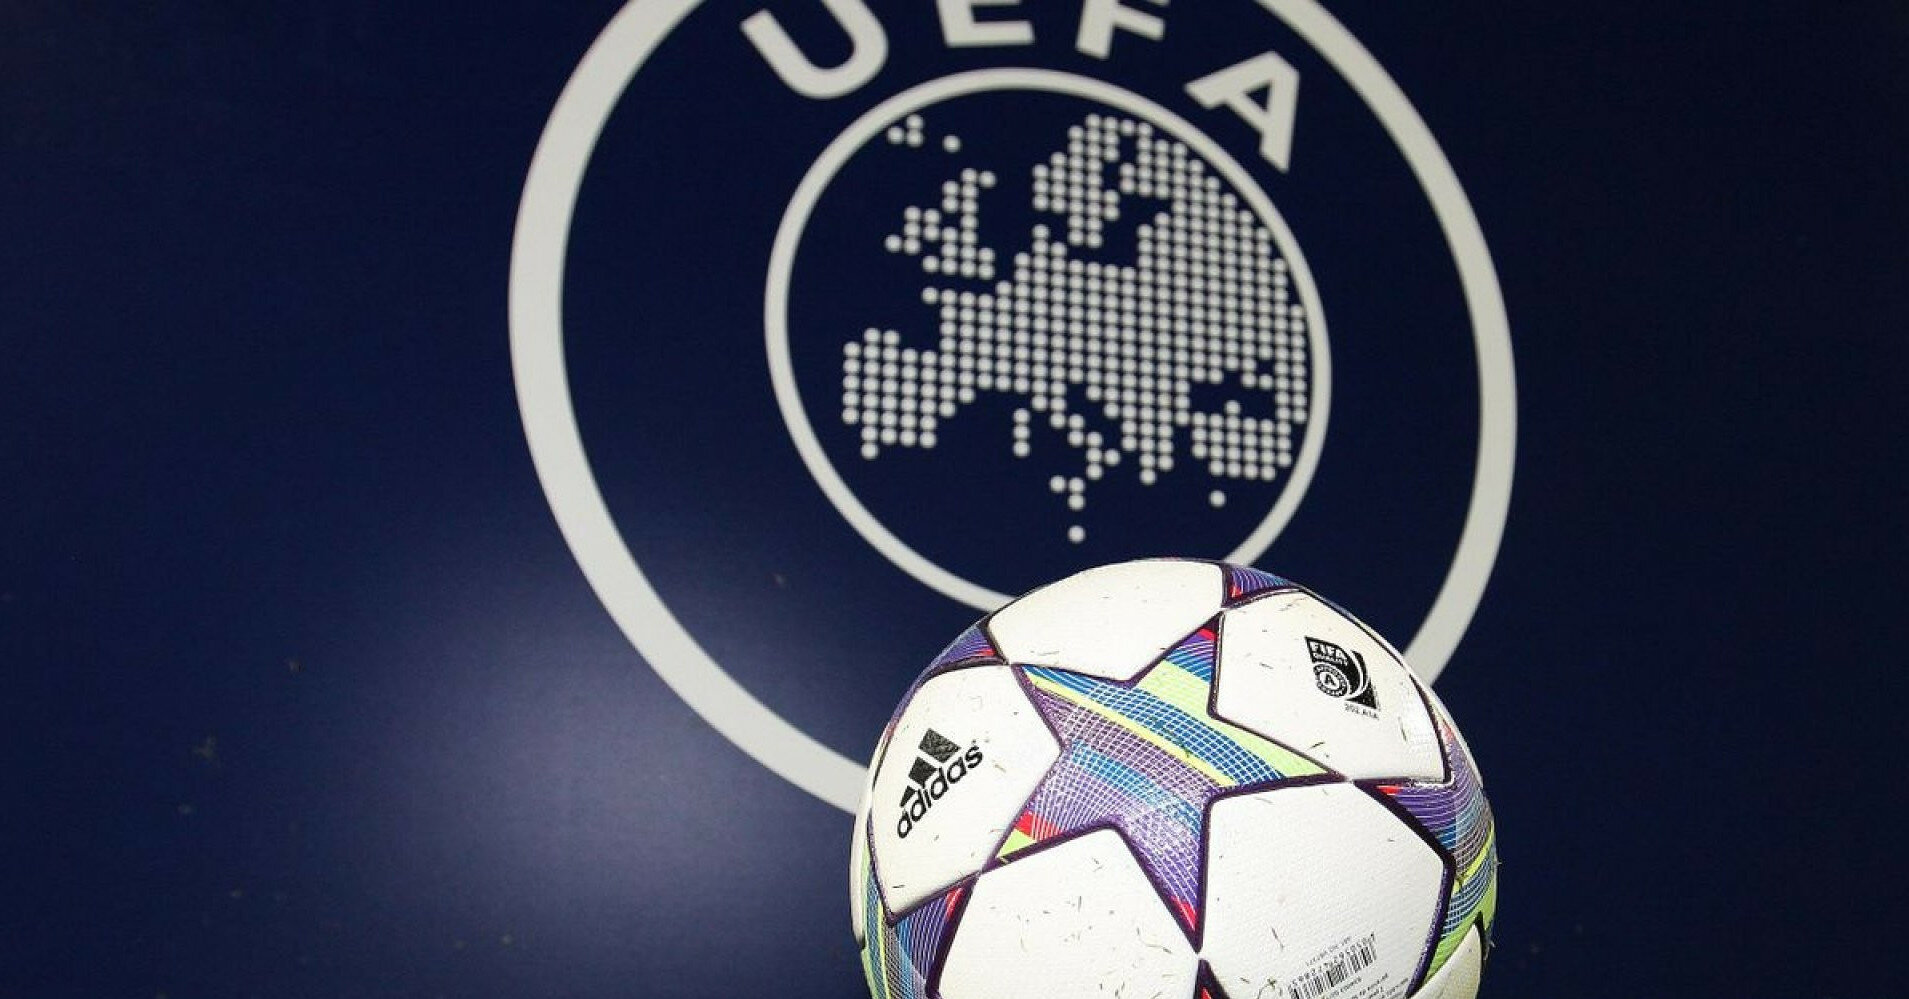 УЕФА открыл дело против Северной Македонии